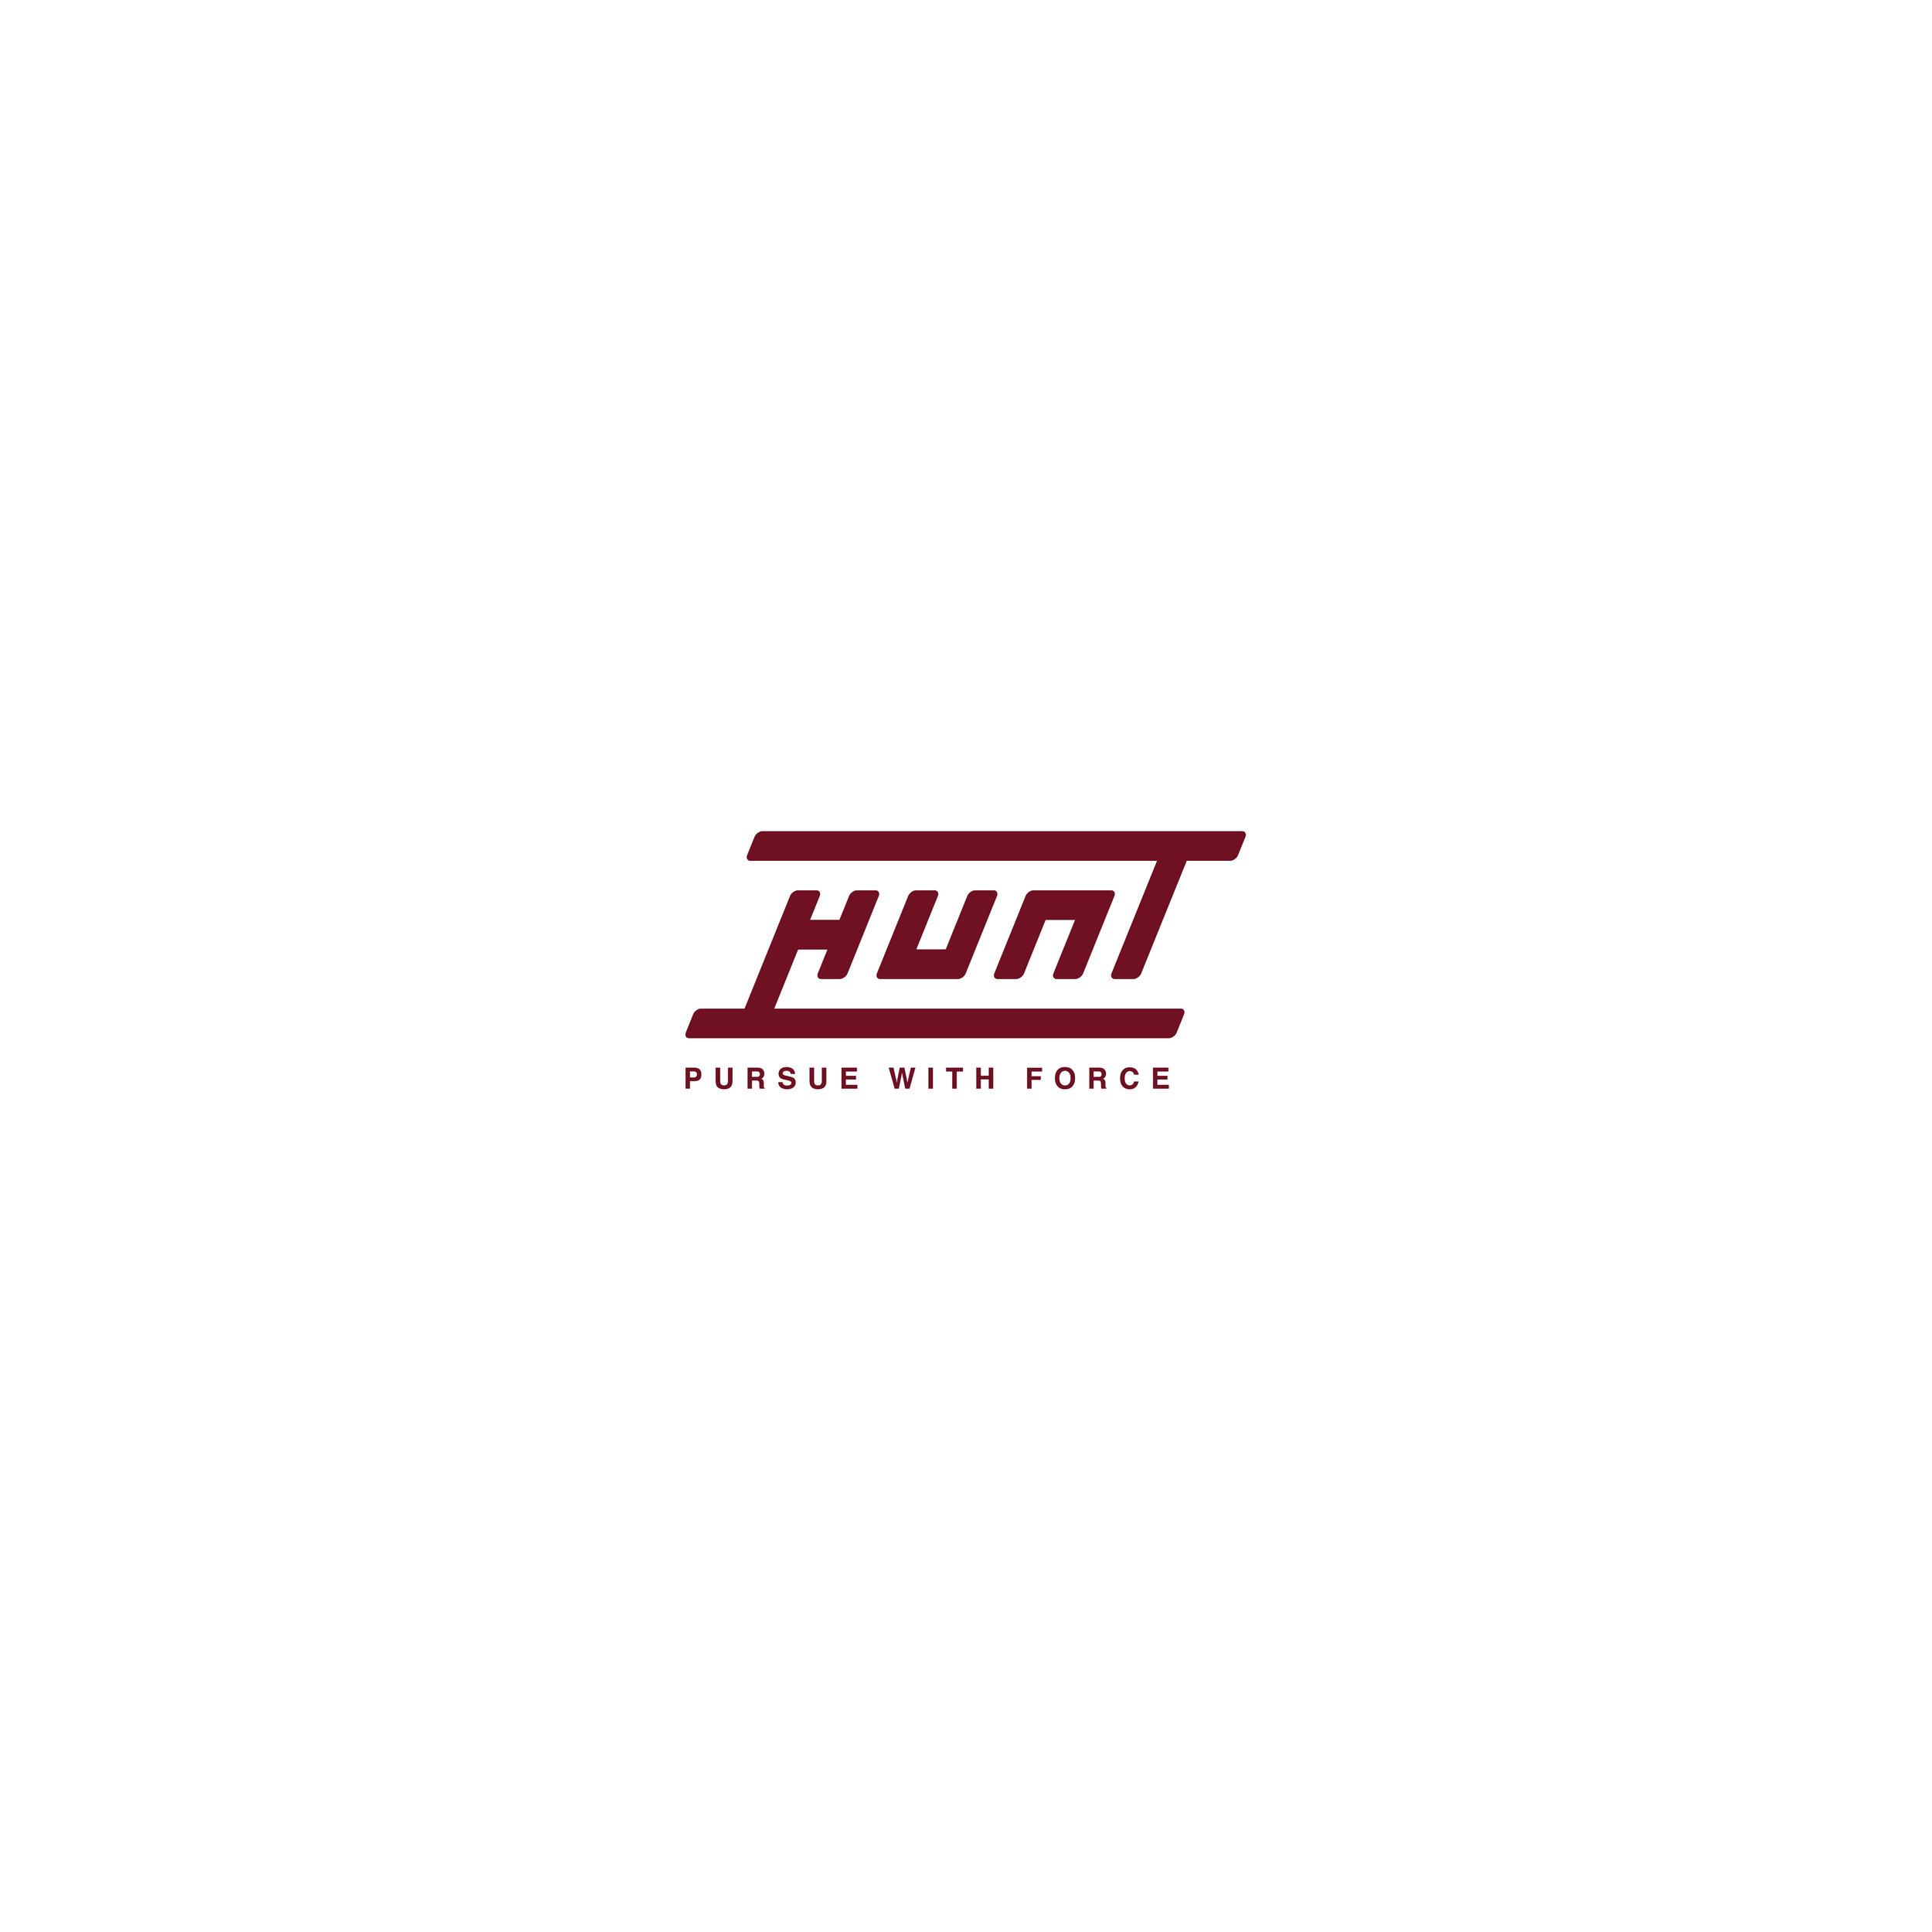 HUNT LOGO DESIGN FINALE-01.jpg